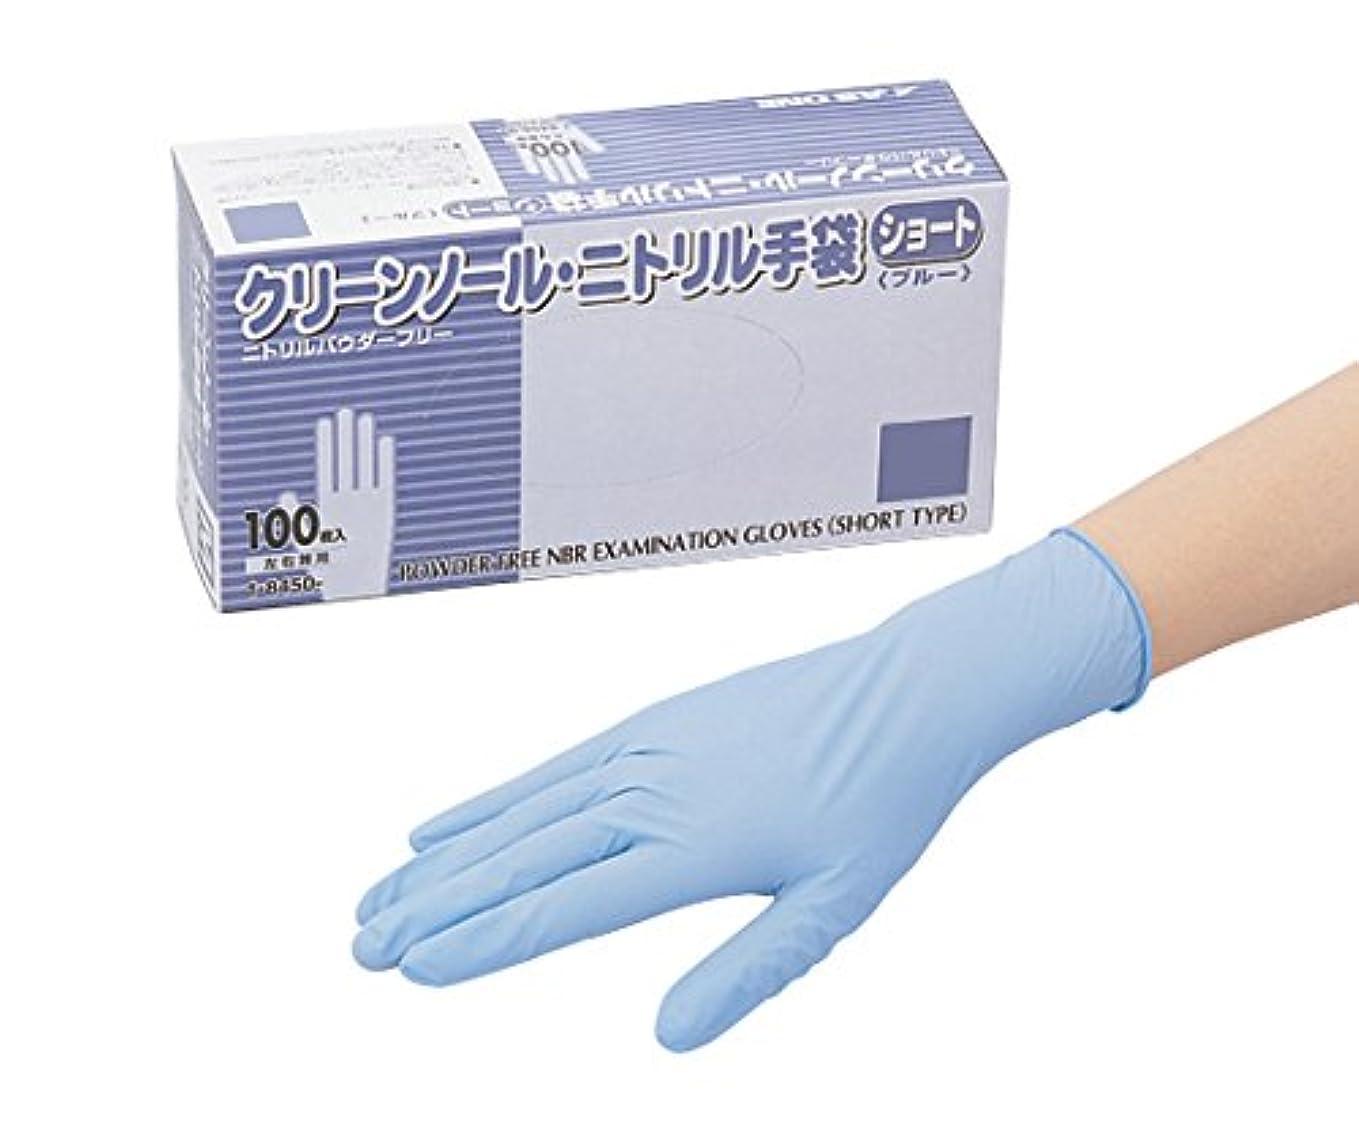 異形テニス語アズワン1-8450-53クリーンノールニトリル手袋ショート(パウダーフリ-)ブルーS1000枚入